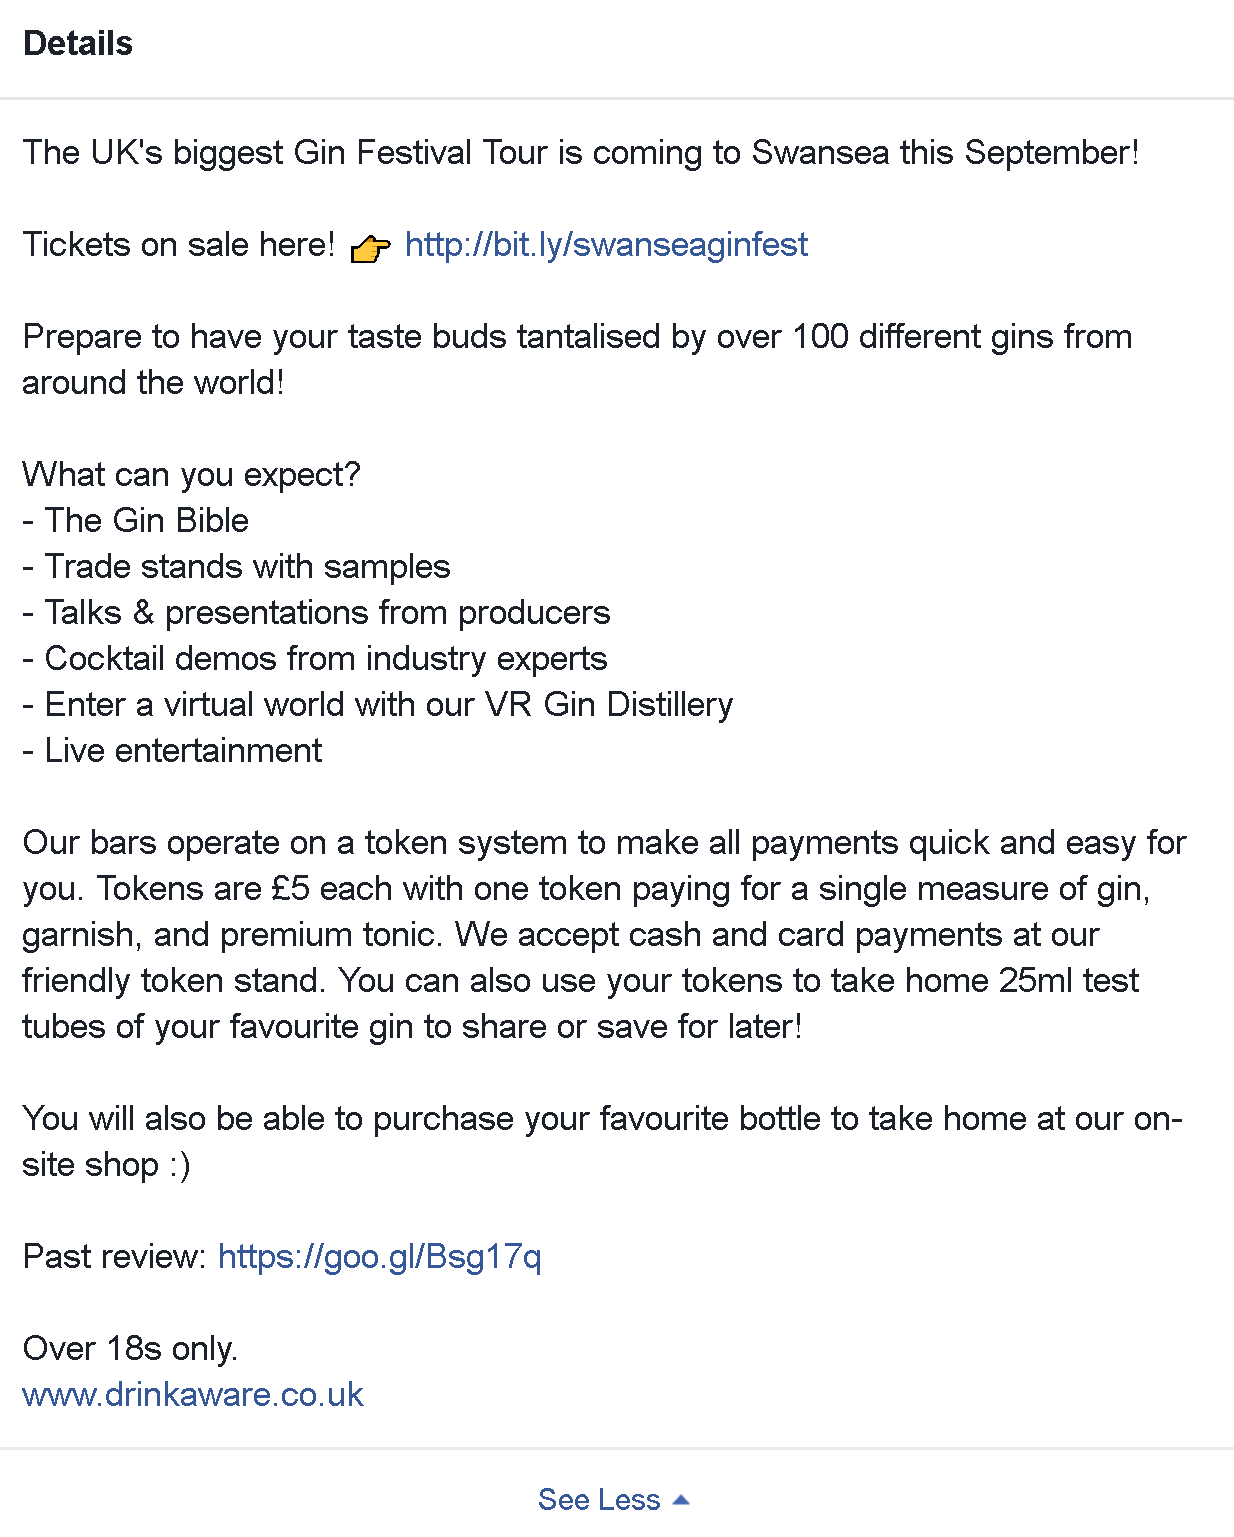 facebook-event-details.PNG